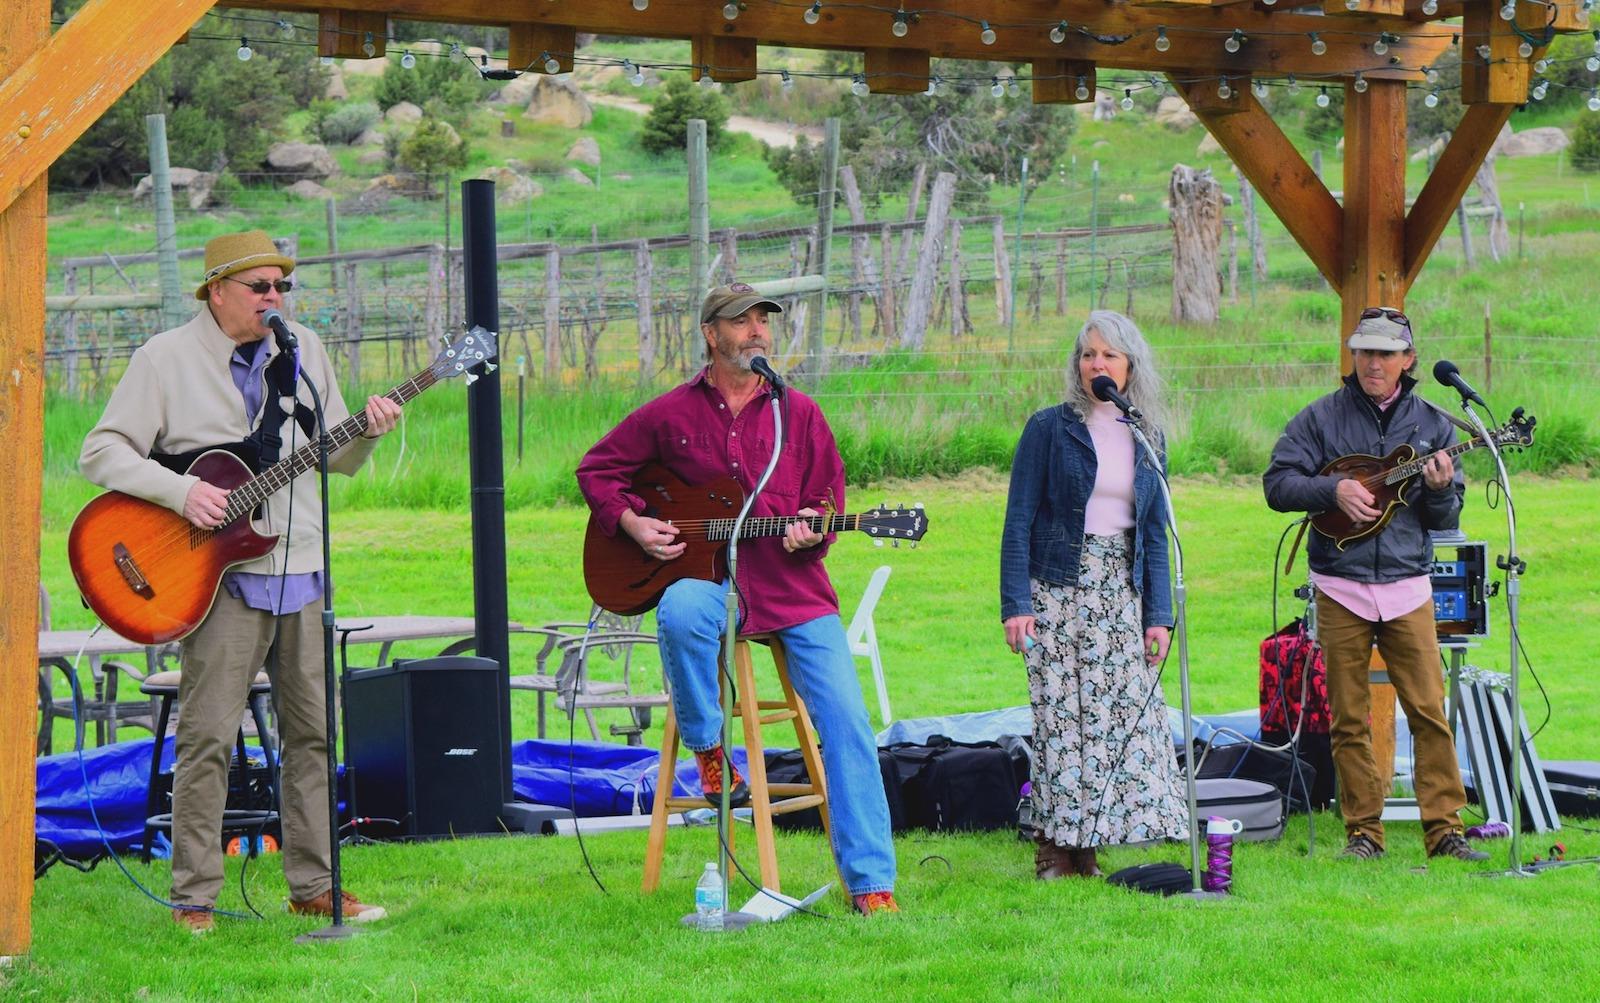 Gambar band yang tampil di Fox Fire Farms di Colorado